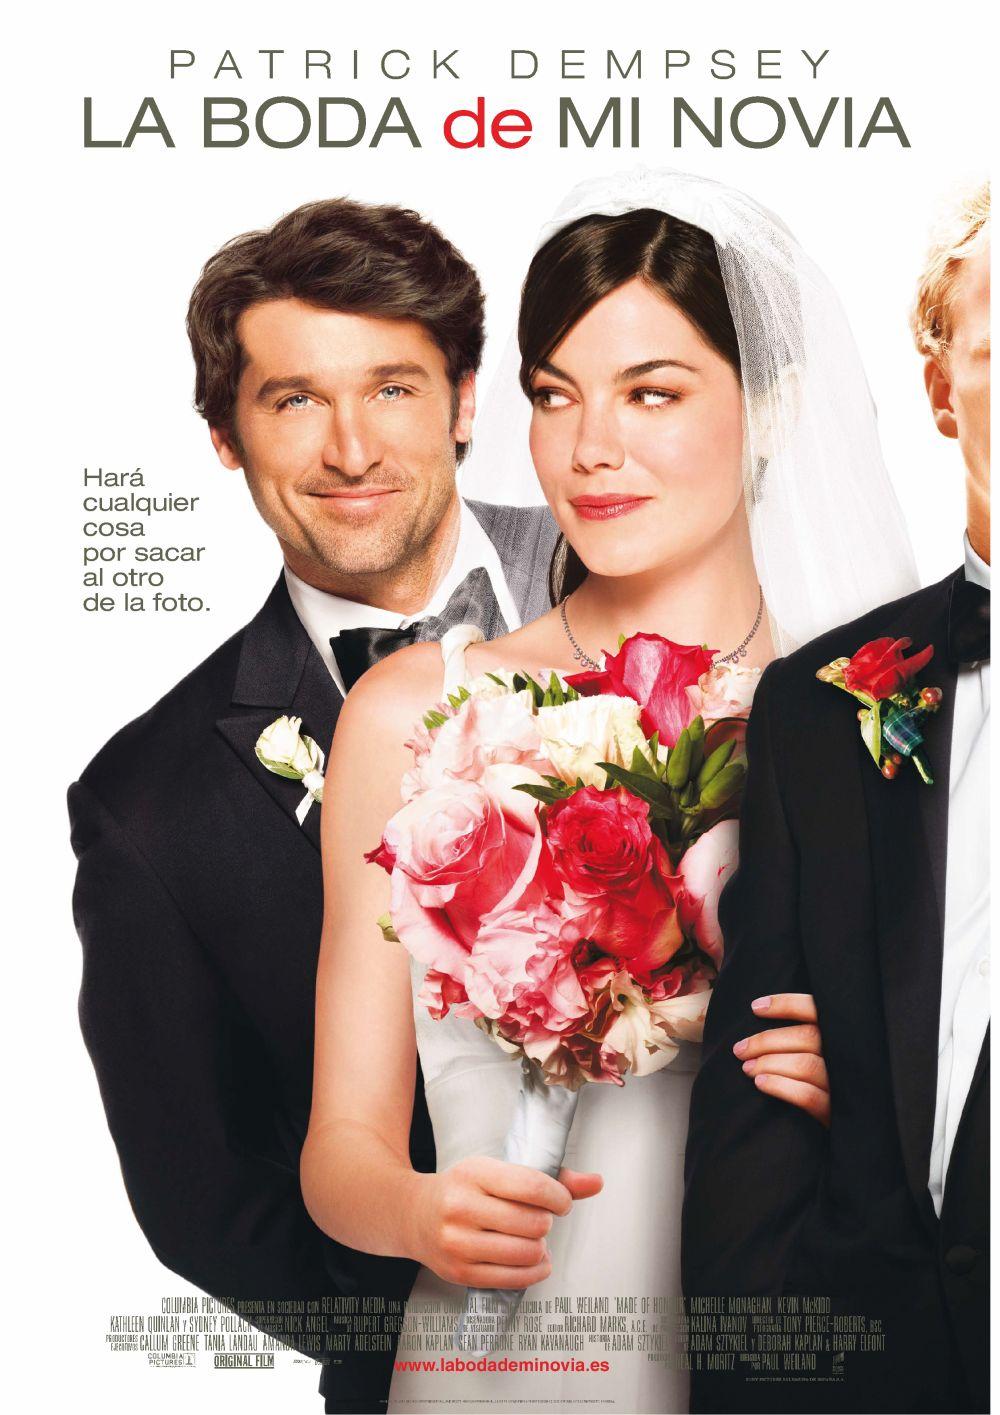 póster de la película La boda de mi novia